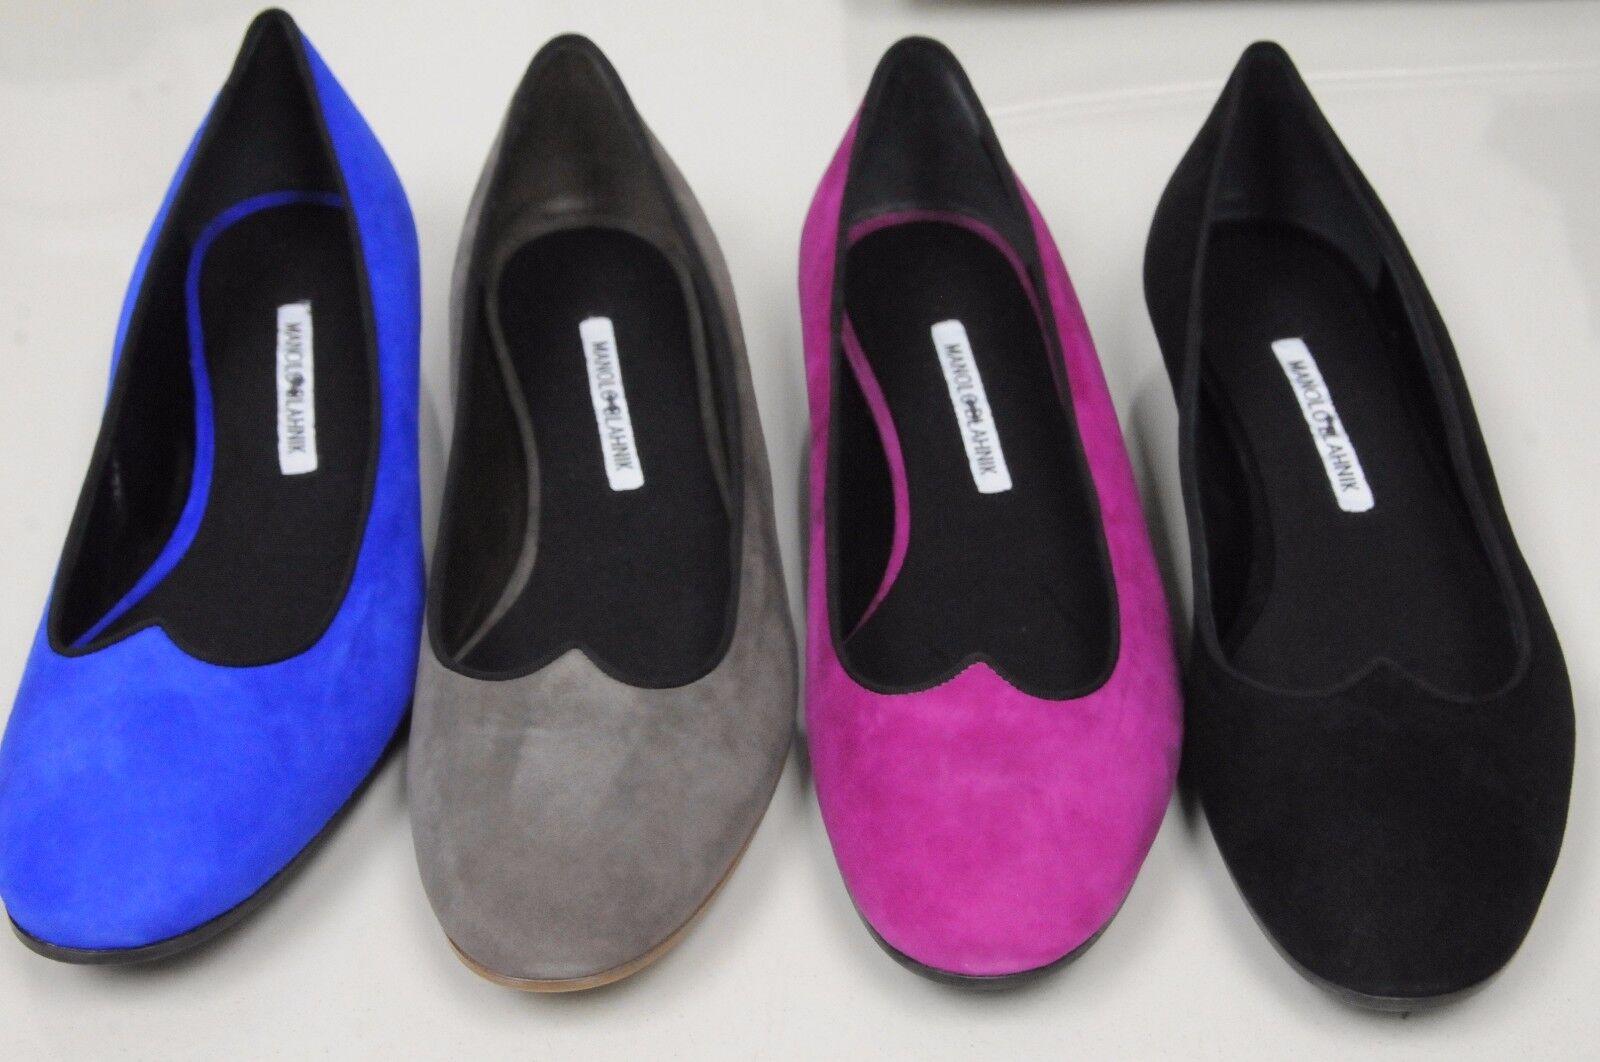 Neuf Manolo Blahnik Noir Noir Noir Rose Bleu Roi Daim Taupe Esper Chaussures Plates c45d9d